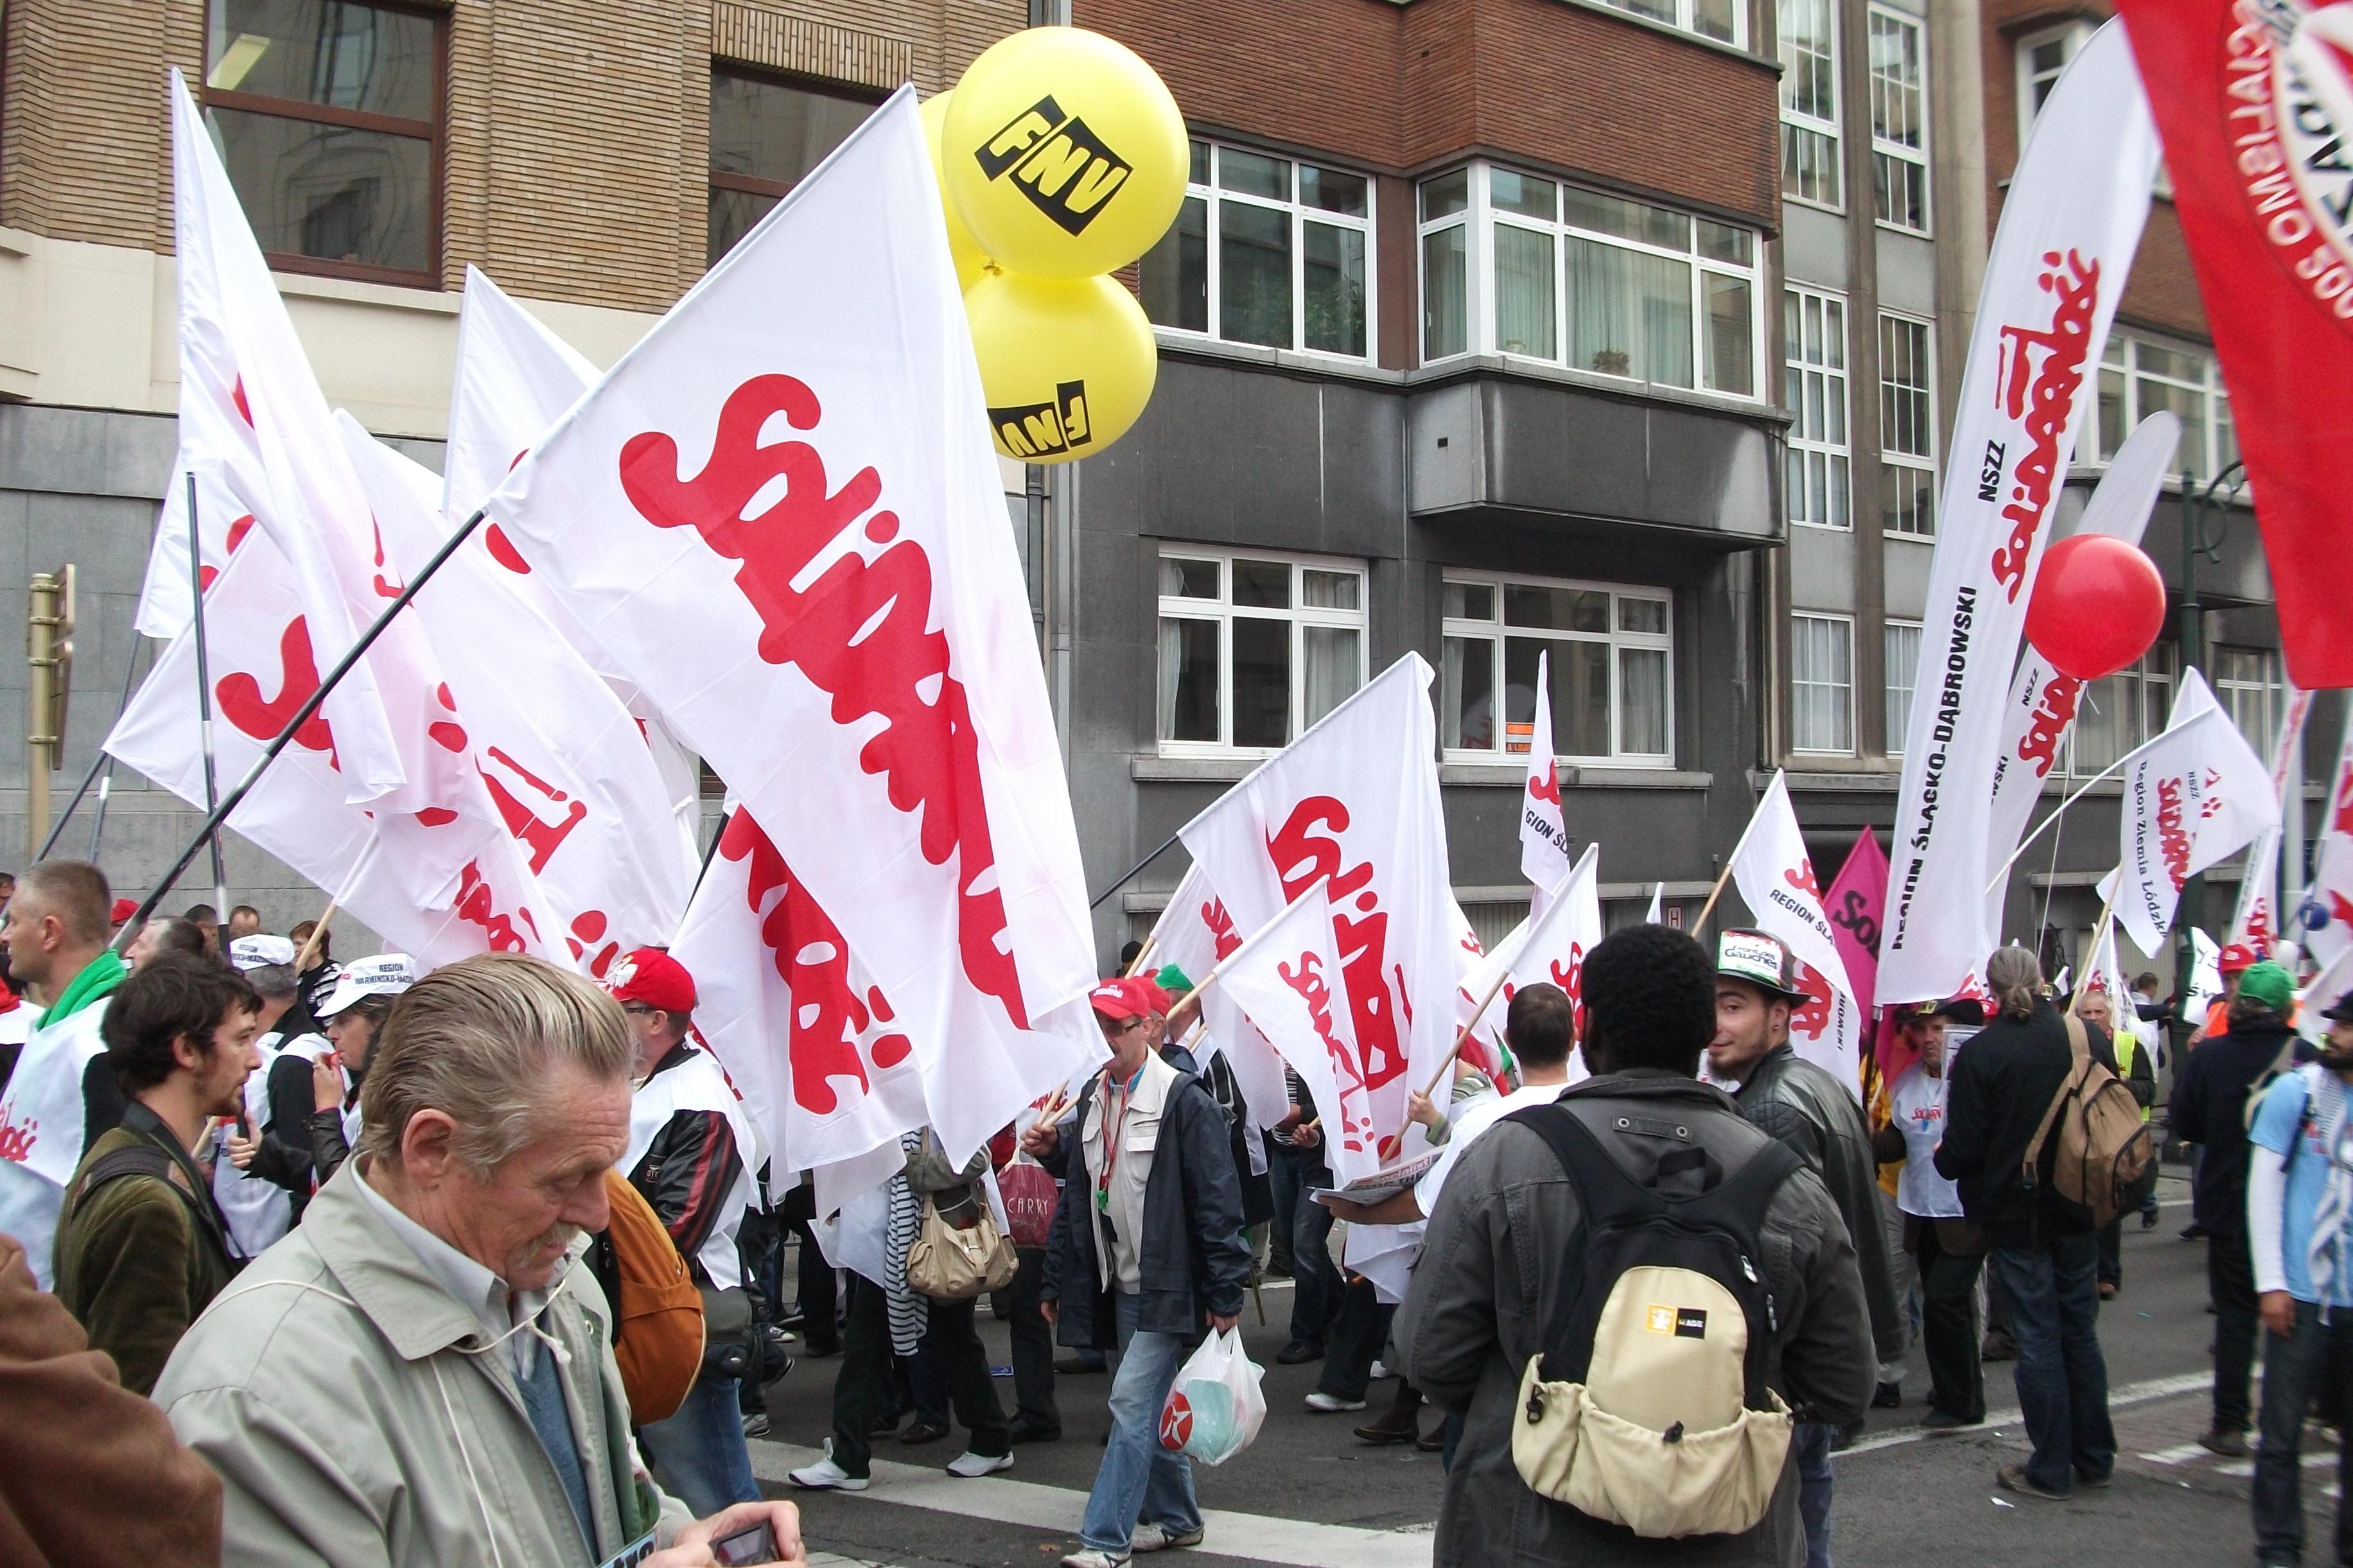 Gewerkschaft Solidarnosc protestiert, Foto: Gerlad Garitan CC-BY-SA-3.0